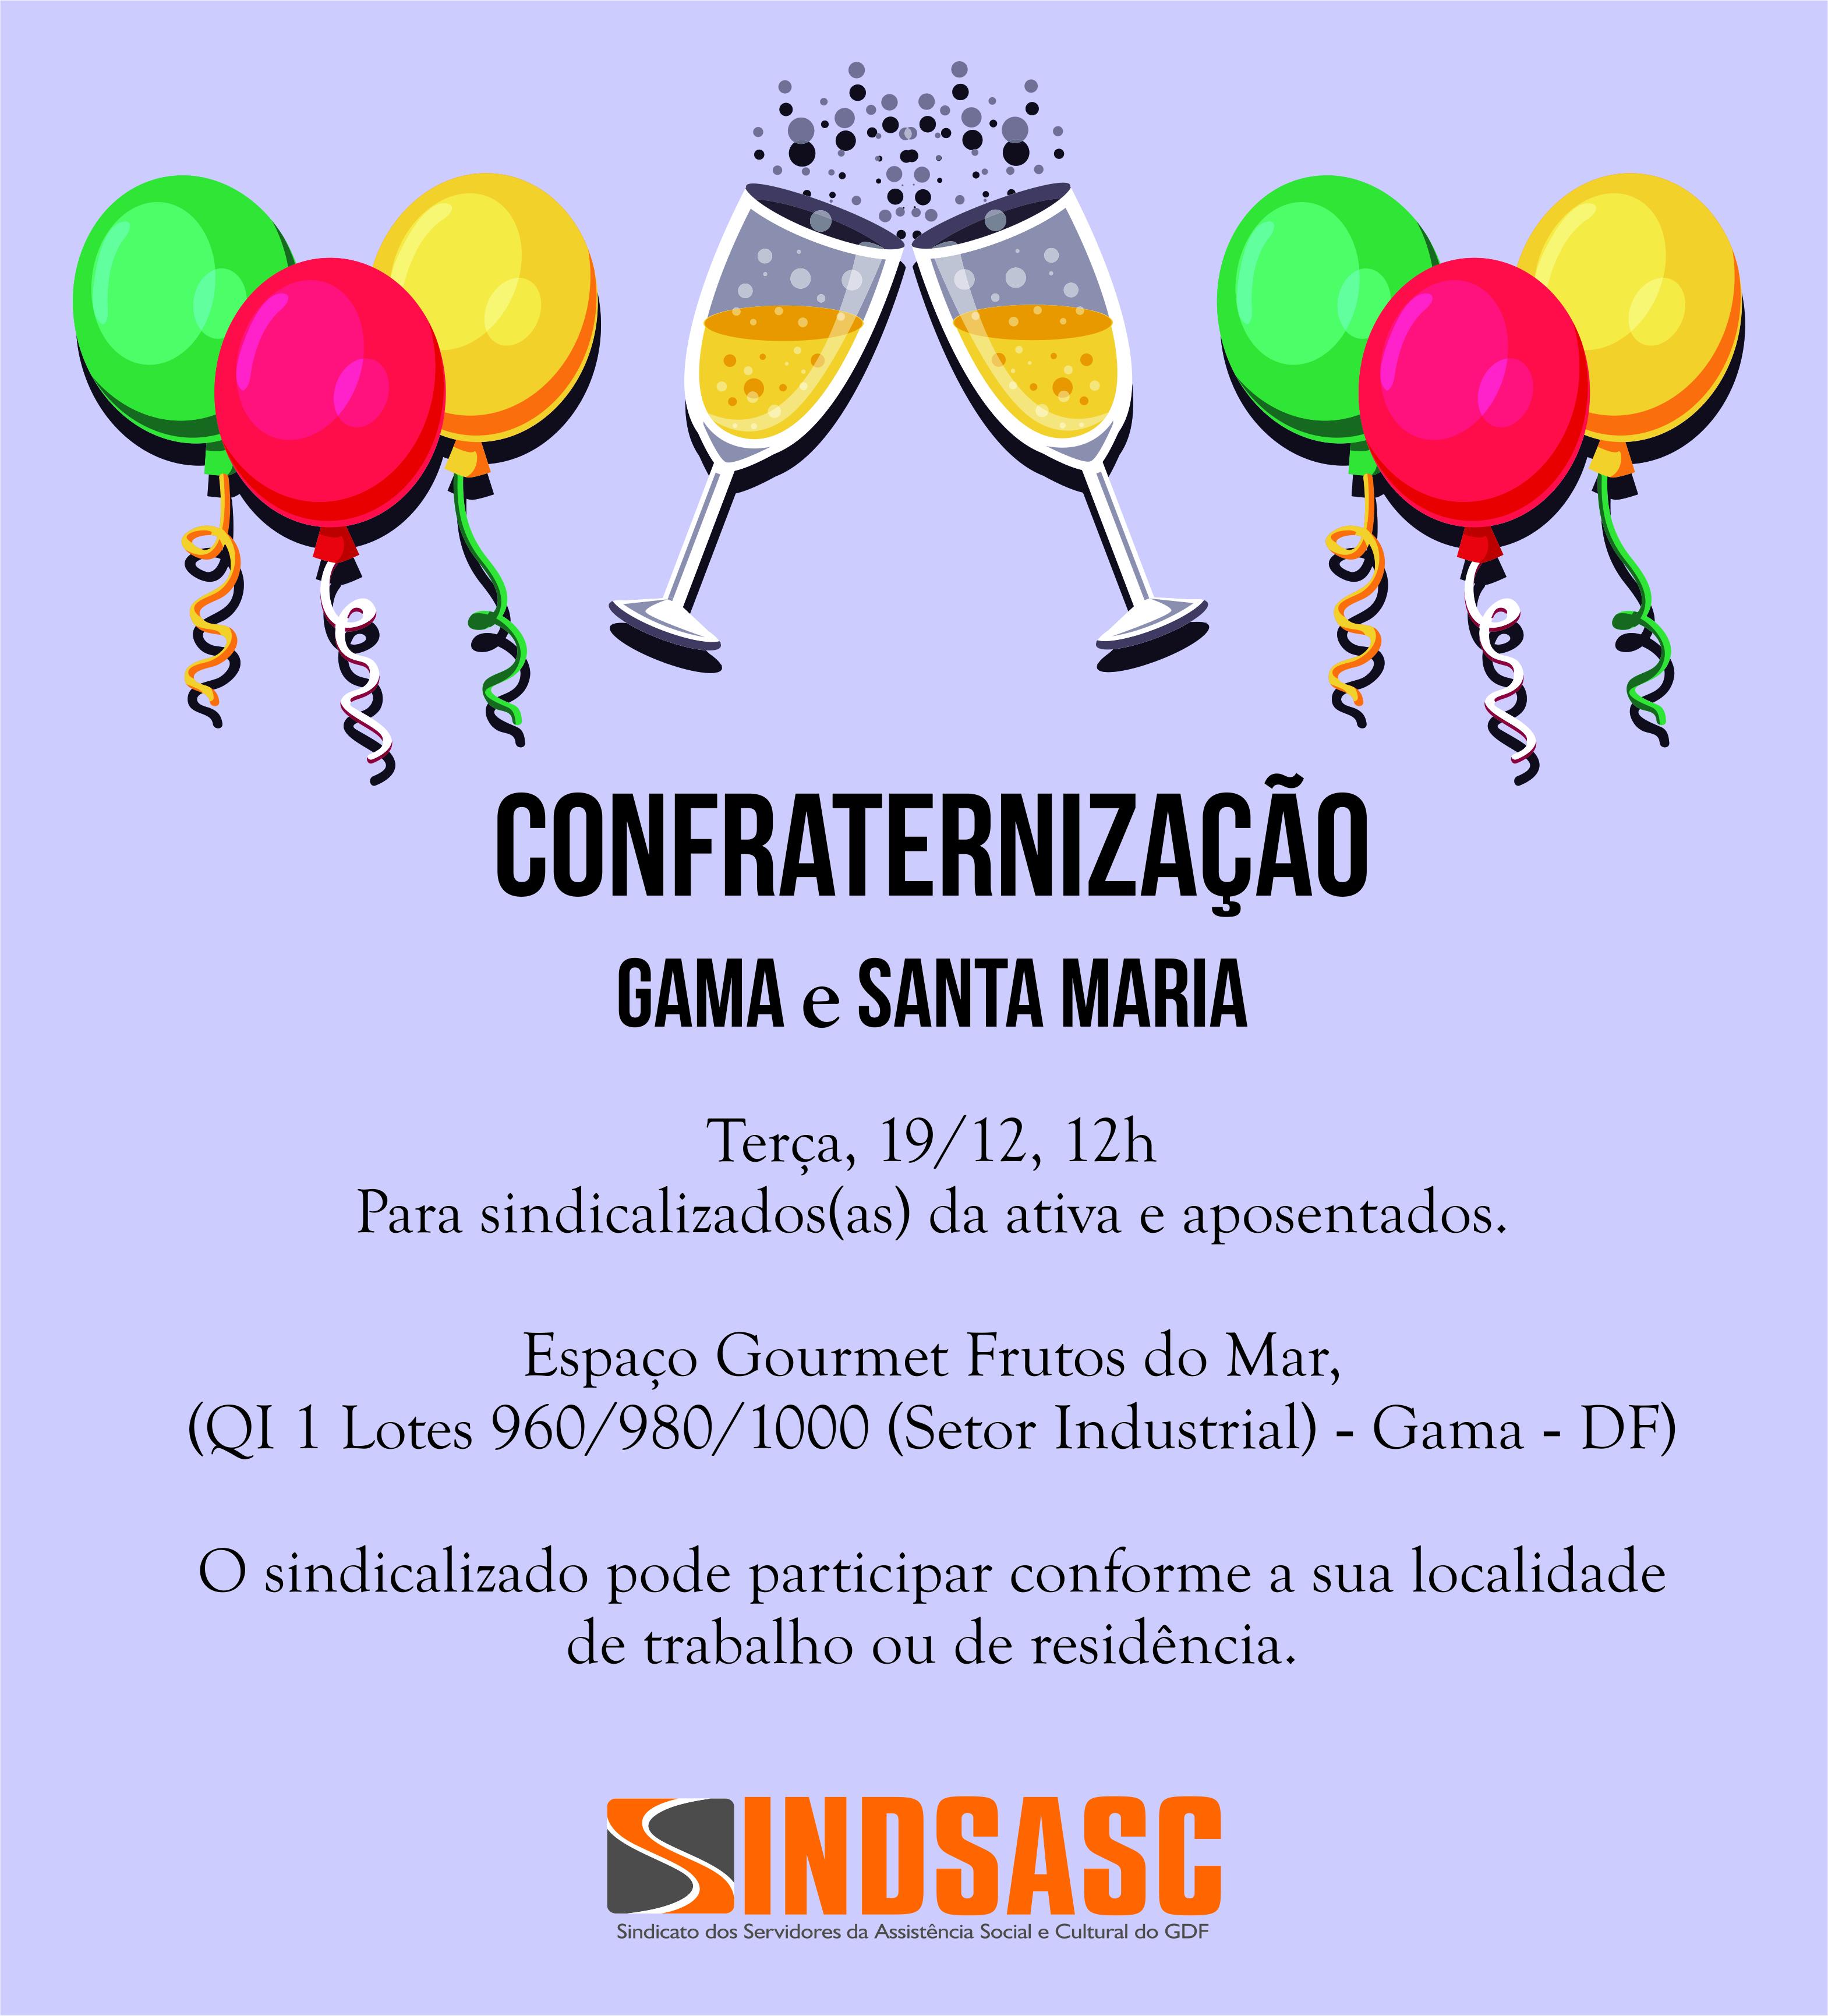 CONFRATERNIZAÇÃO - GAMA E SANTA MARIA